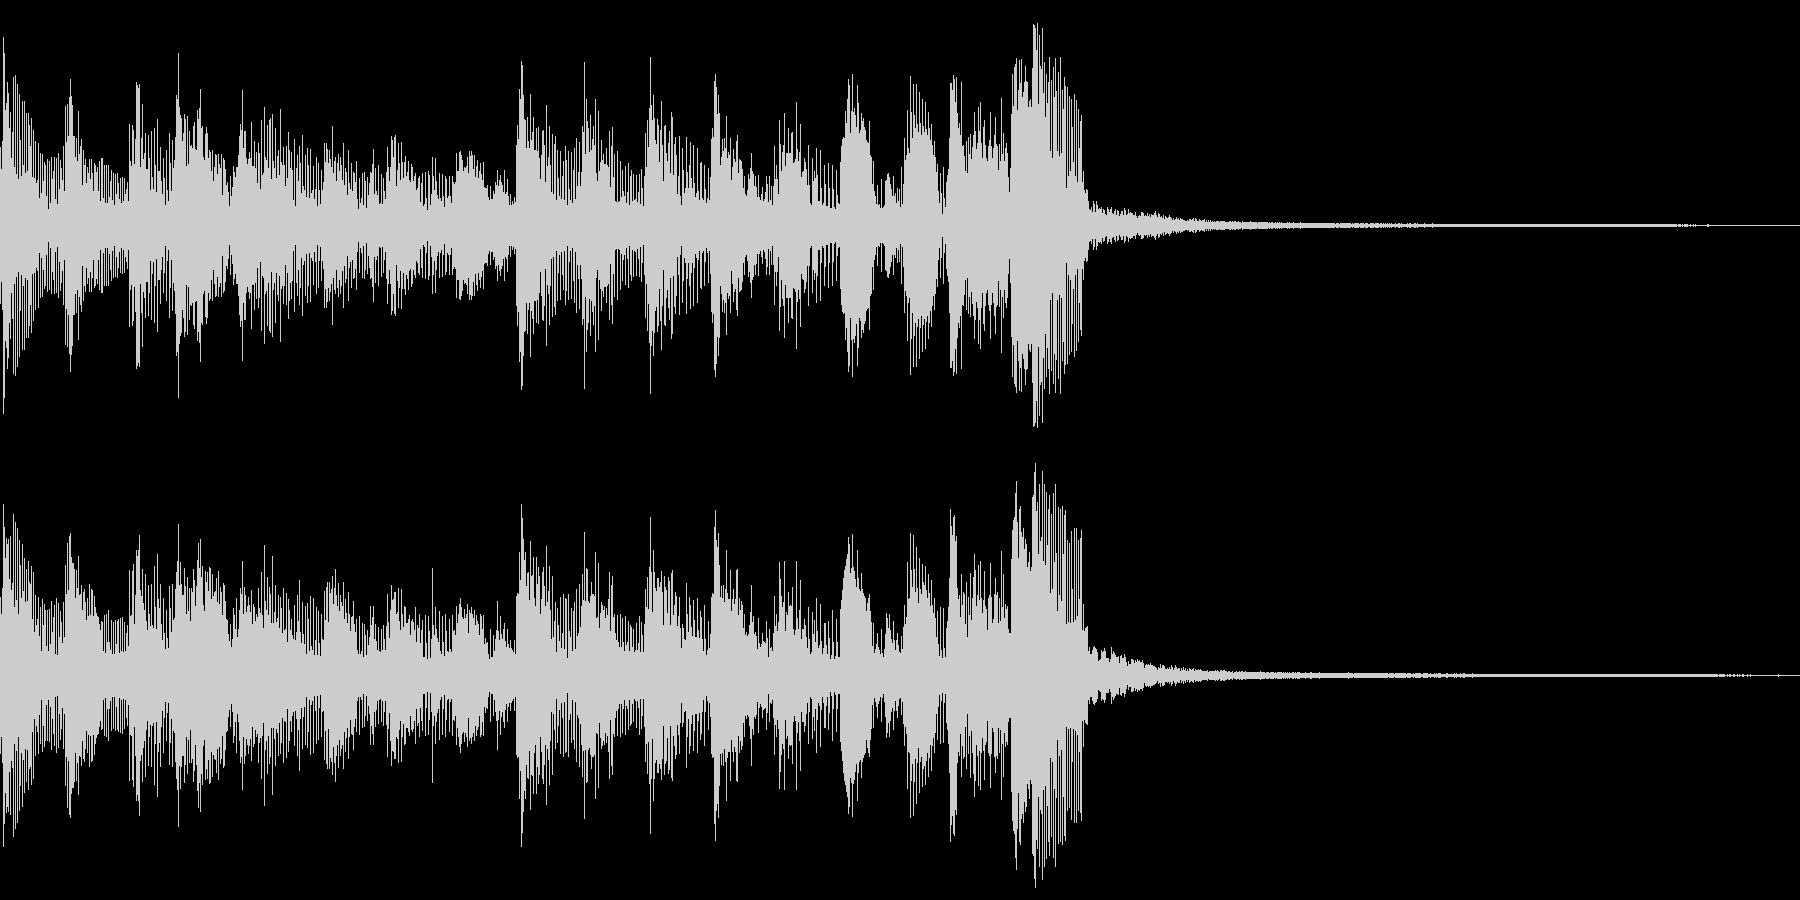 ウクレレ、ホンキートンクピアノ、オ...の未再生の波形